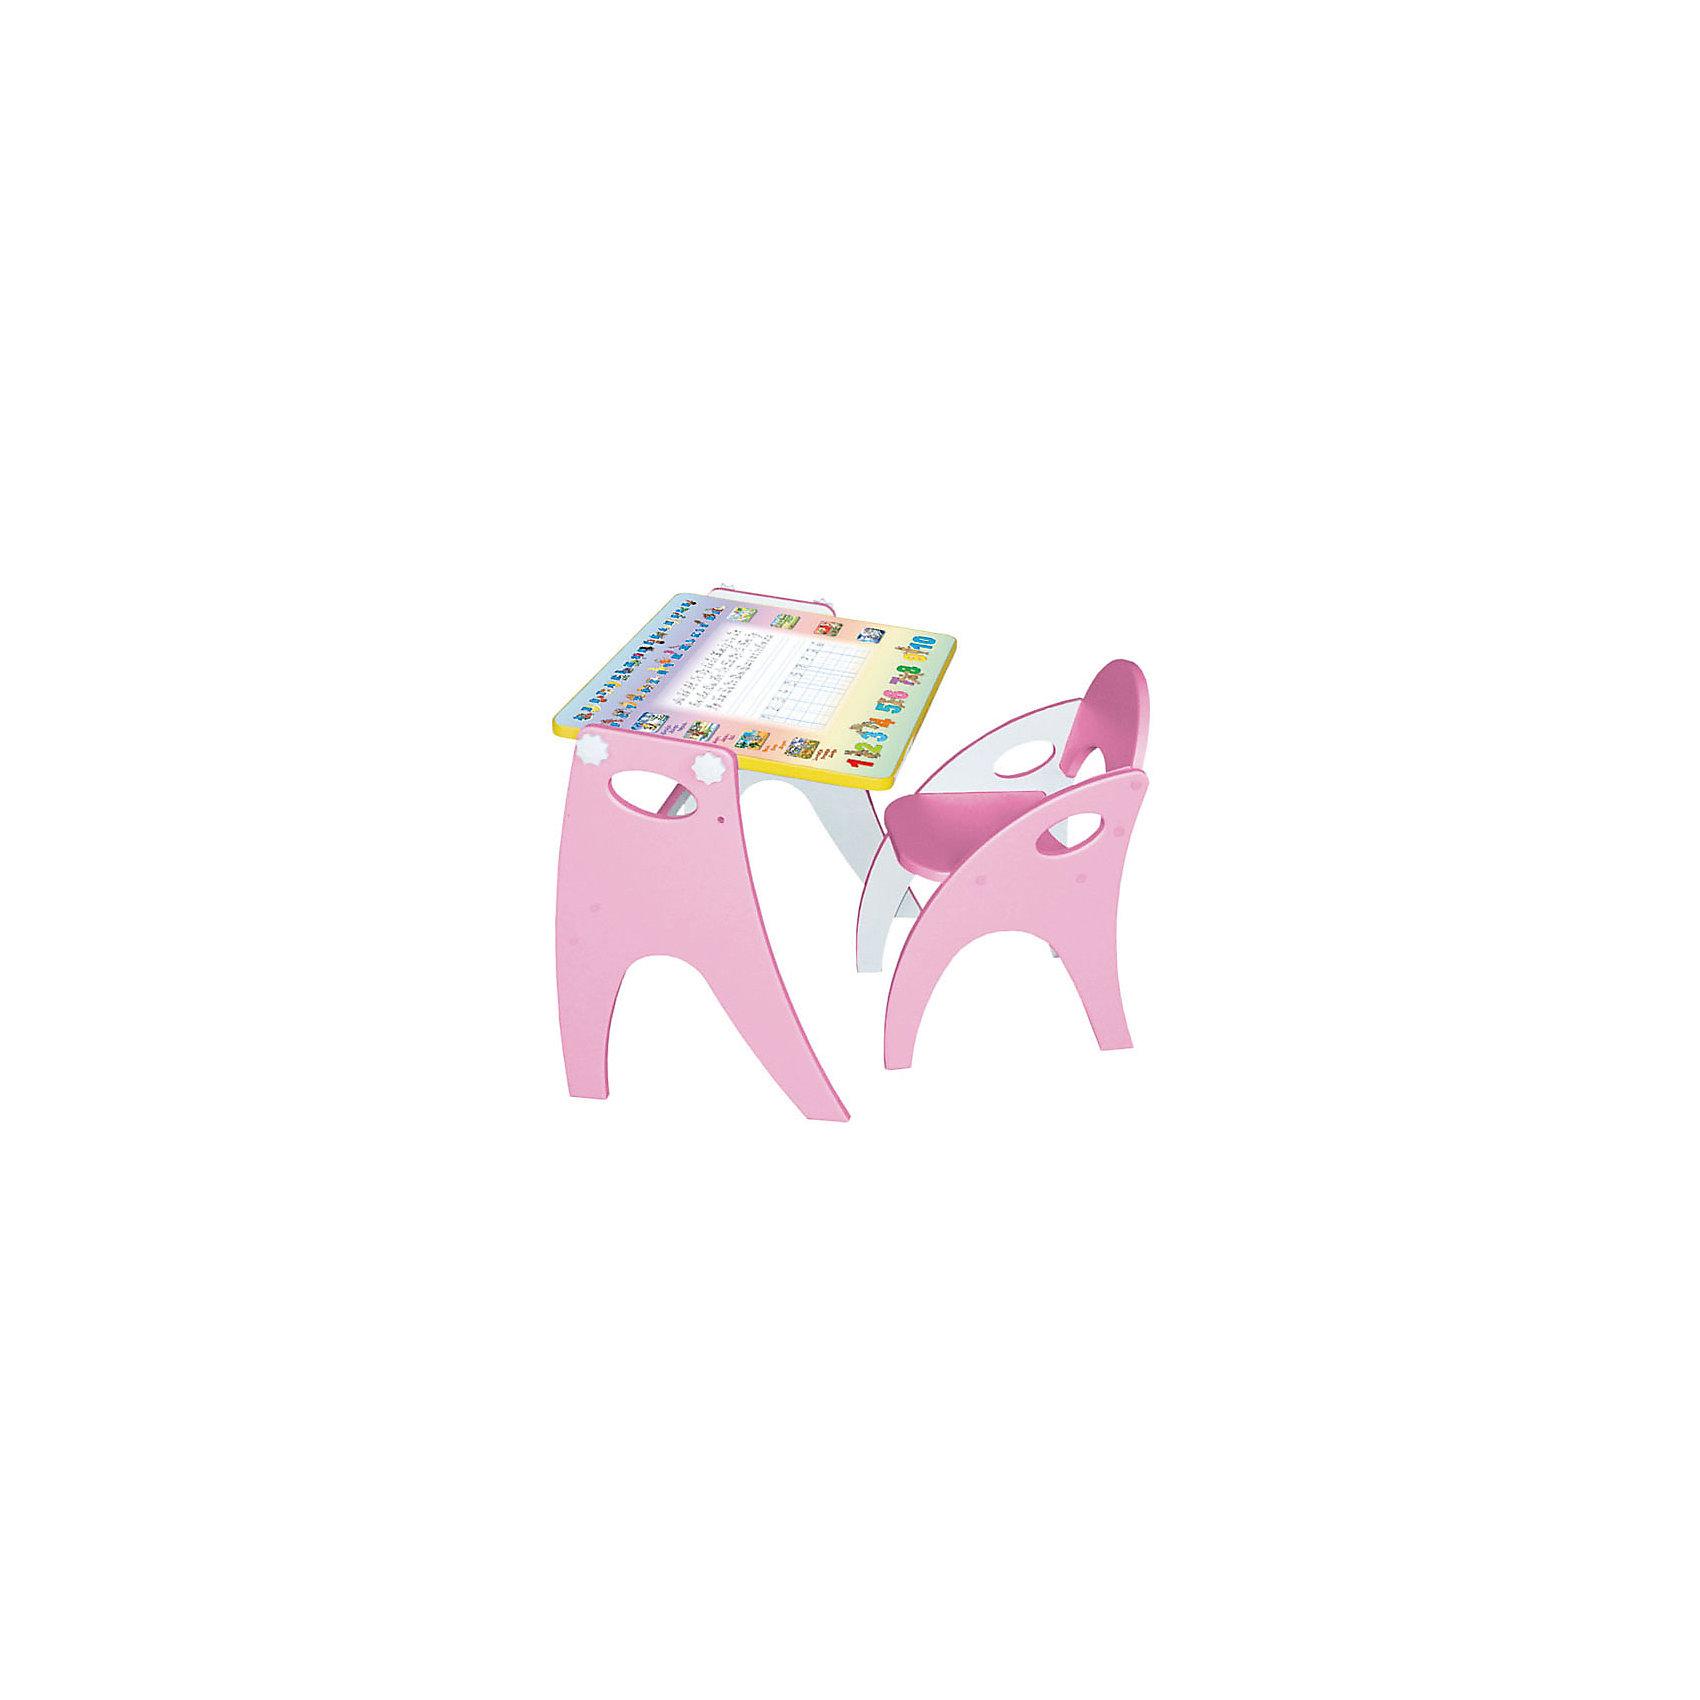 Набор мебели Буквы-цифры, розовыйМебель<br>Набор детской мебели Буквы-цифры состоит из двух предметов: столик (трансформер) и стульчик.  Столик  имеет механизм трансформации, который позволяет превращать столик в парту и мольберт. Поворот осуществляется при помощи поворотного шарнира, а фиксация - скрепляющими барашками. <br><br>Дополнительная информация:<br><br>- Цвет: розовый<br>- Материал: МДФ<br>- Возраст: от 3-х лет<br>- Вес: 11.5 кг.<br><br>Благодаря такому чудесному приспособлению, ребенок с легкость и большим интересом будет познавать мир букв и цифр!<br><br>Набор мебели Буквы-цифры в розовом цвете, можно купить в нашем магазине.<br><br>Ширина мм: 600<br>Глубина мм: 120<br>Высота мм: 450<br>Вес г: 11500<br>Возраст от месяцев: 36<br>Возраст до месяцев: 108<br>Пол: Унисекс<br>Возраст: Детский<br>SKU: 4718342